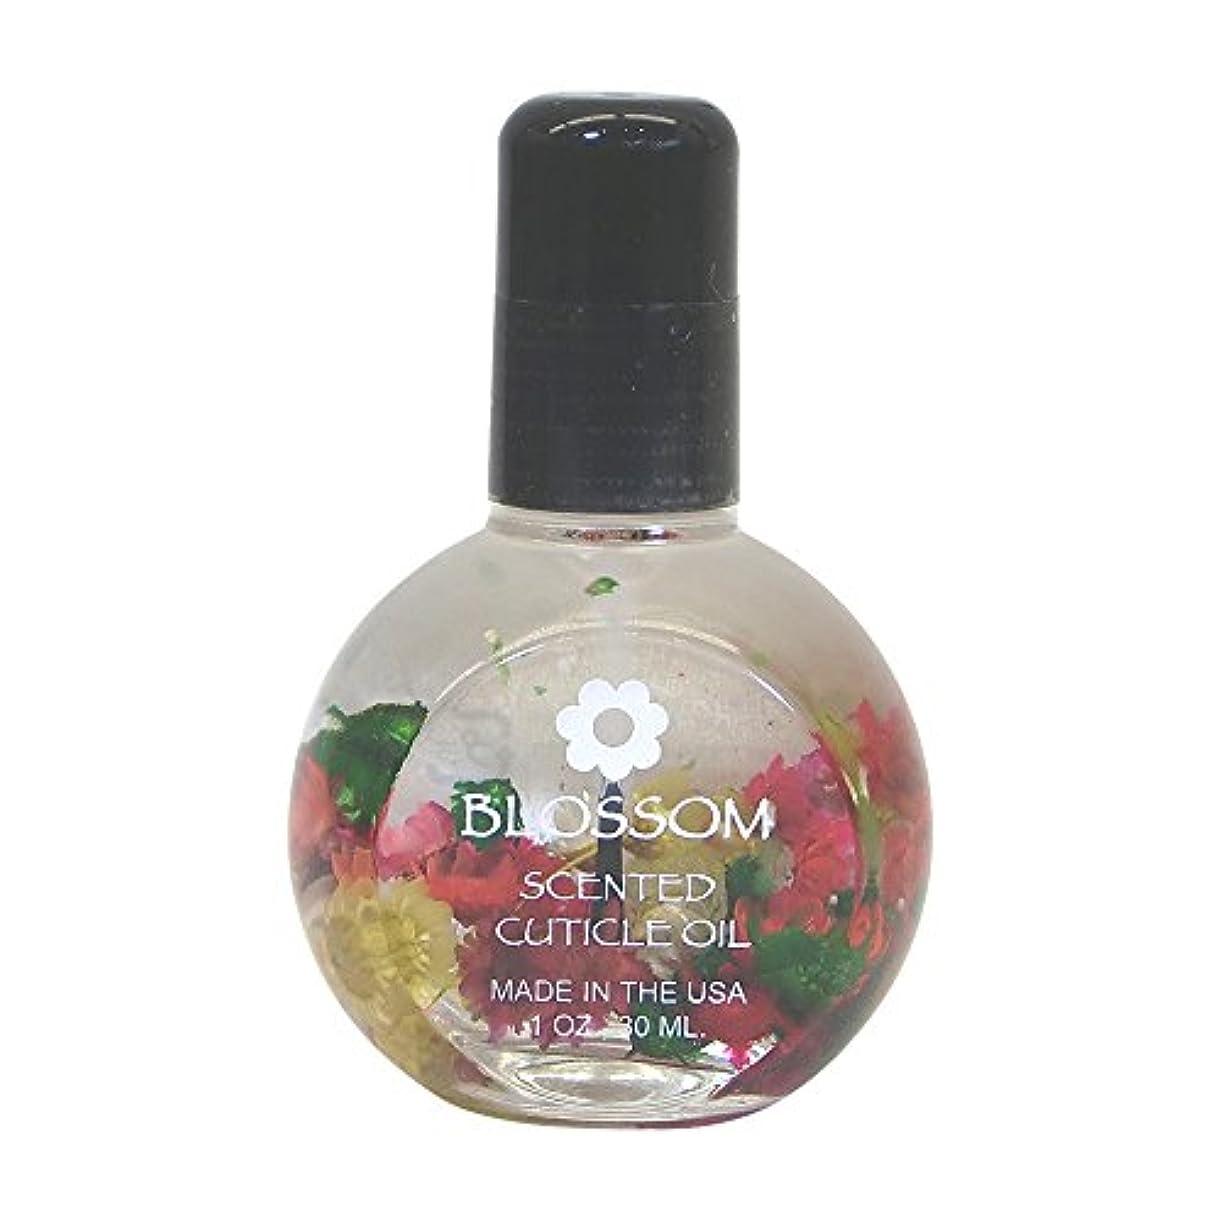 指定するしわ含むBlossom ネイルオイル フラワー ハイビスカス 30ml